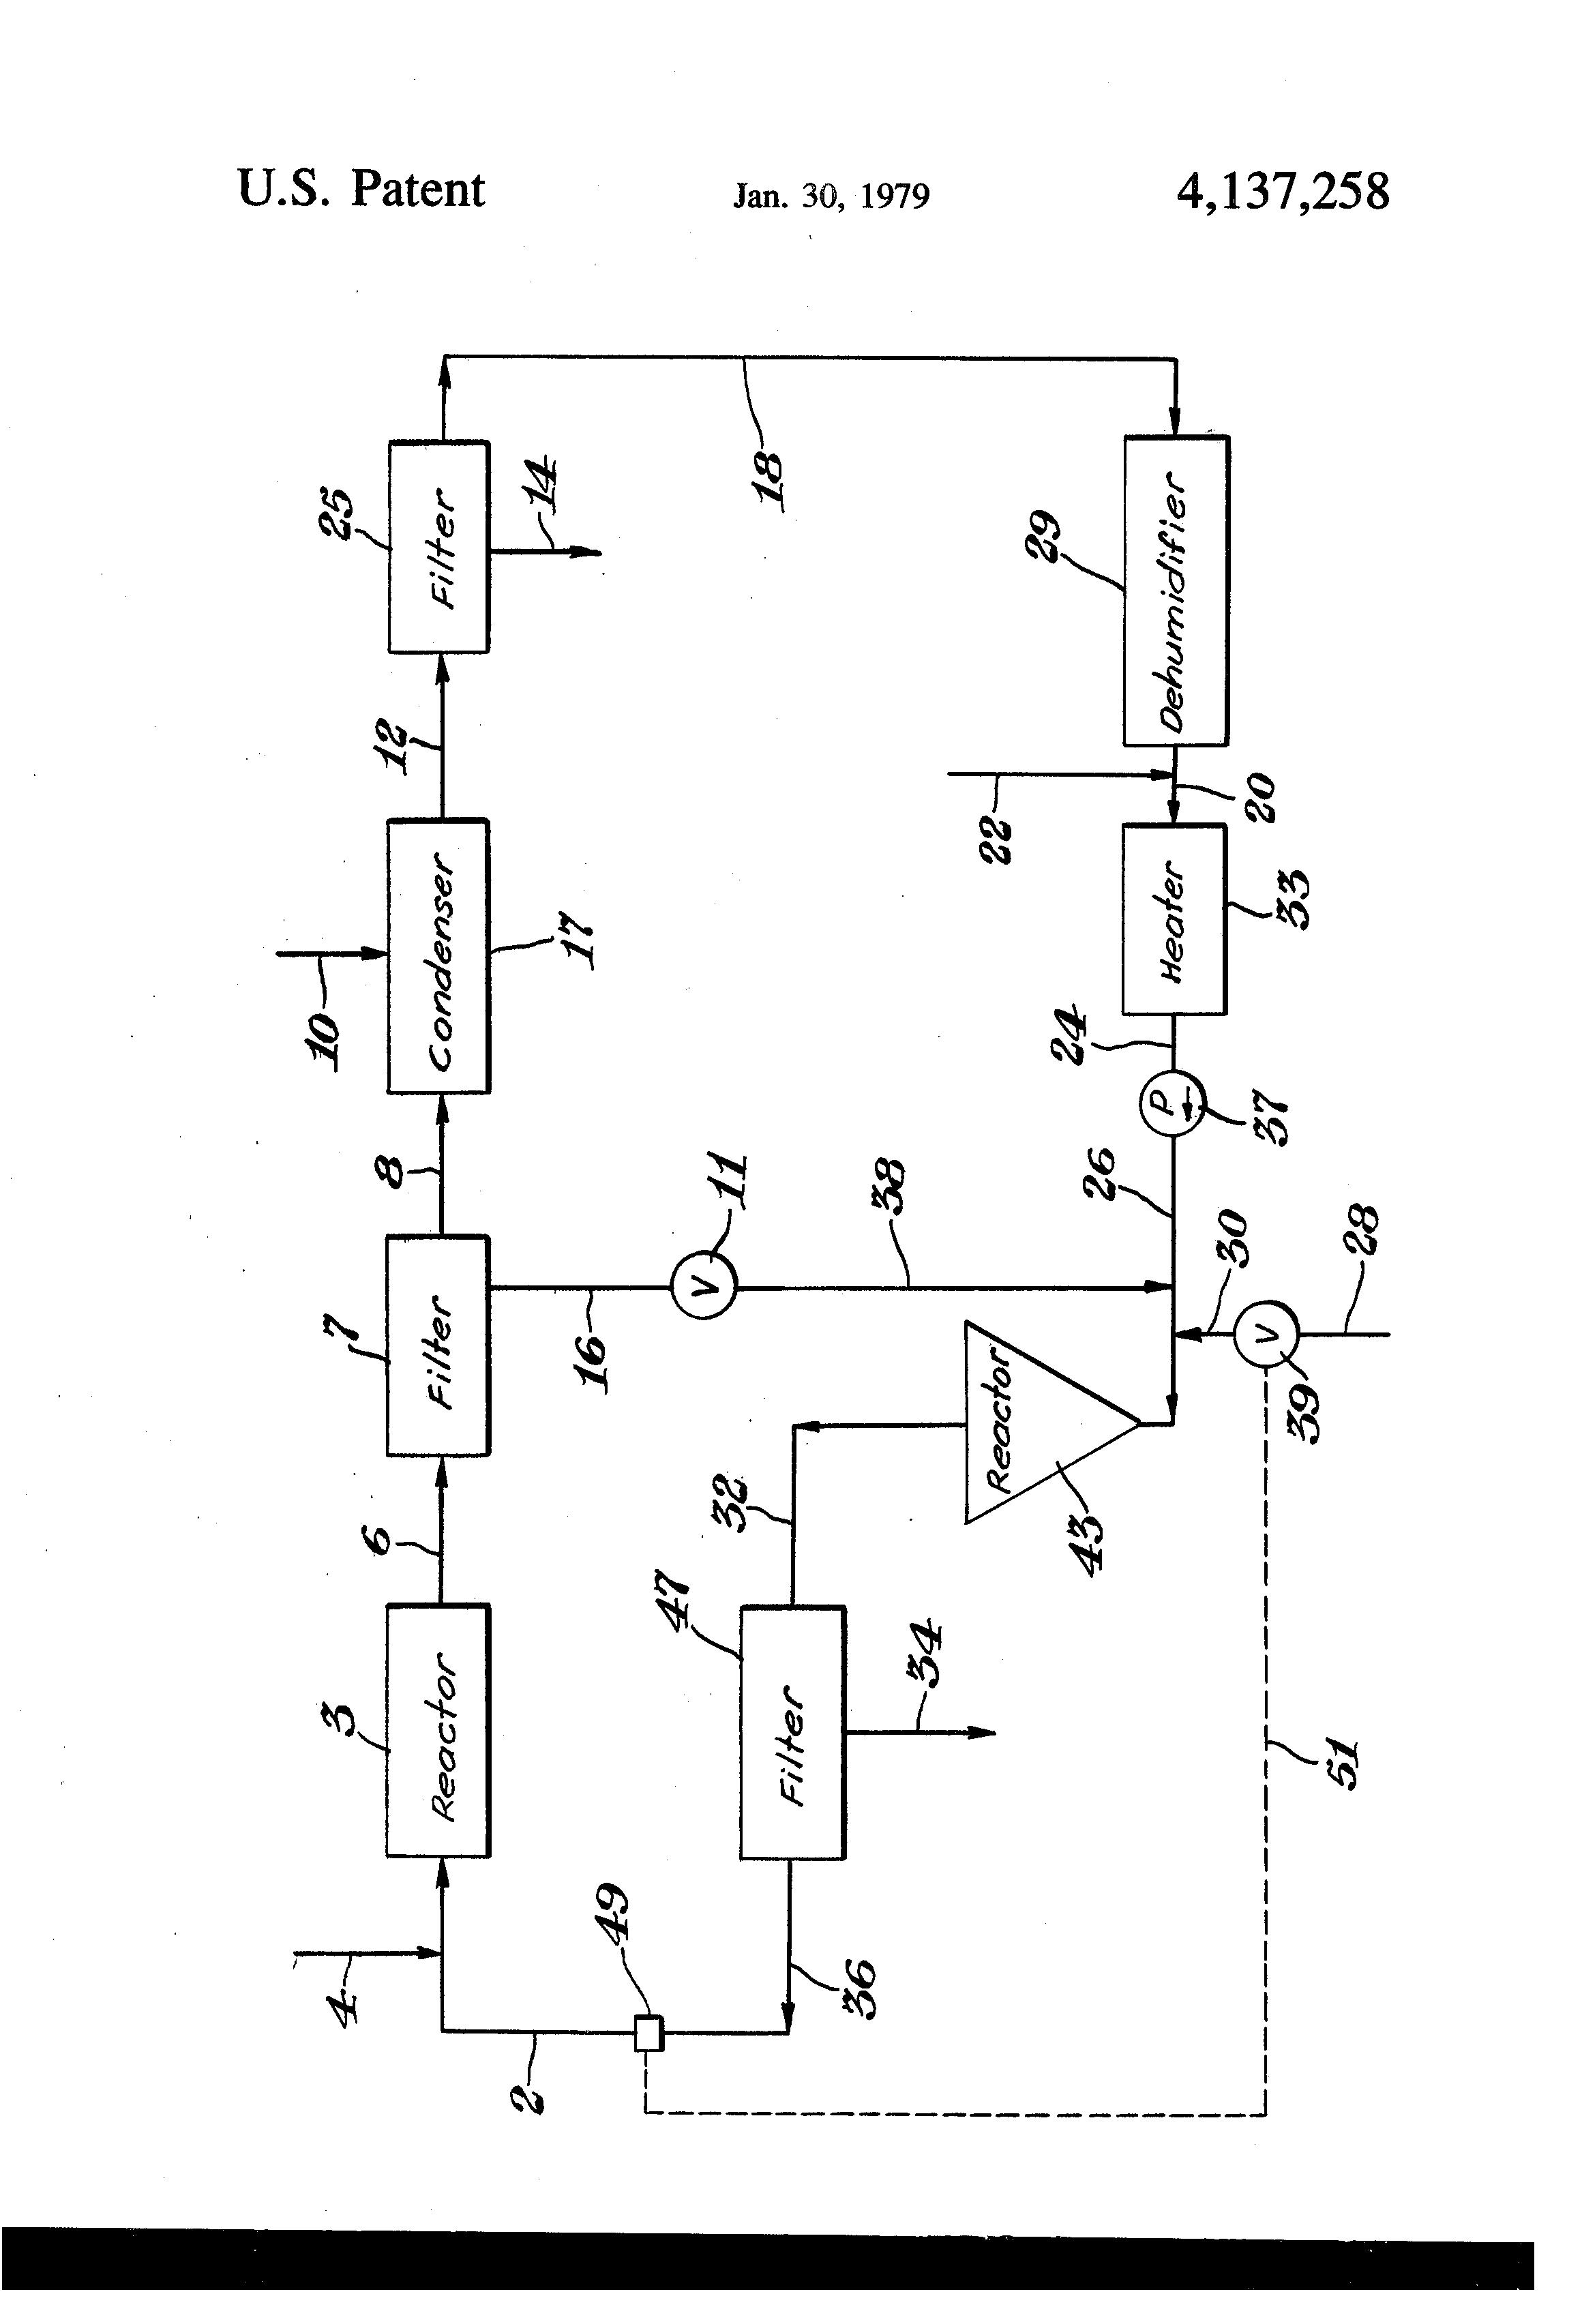 process flow diagram salicylic acid wiring diagram database u2022 rh itgenergy co Process Flow Diagram Template Document Process Flow Diagram